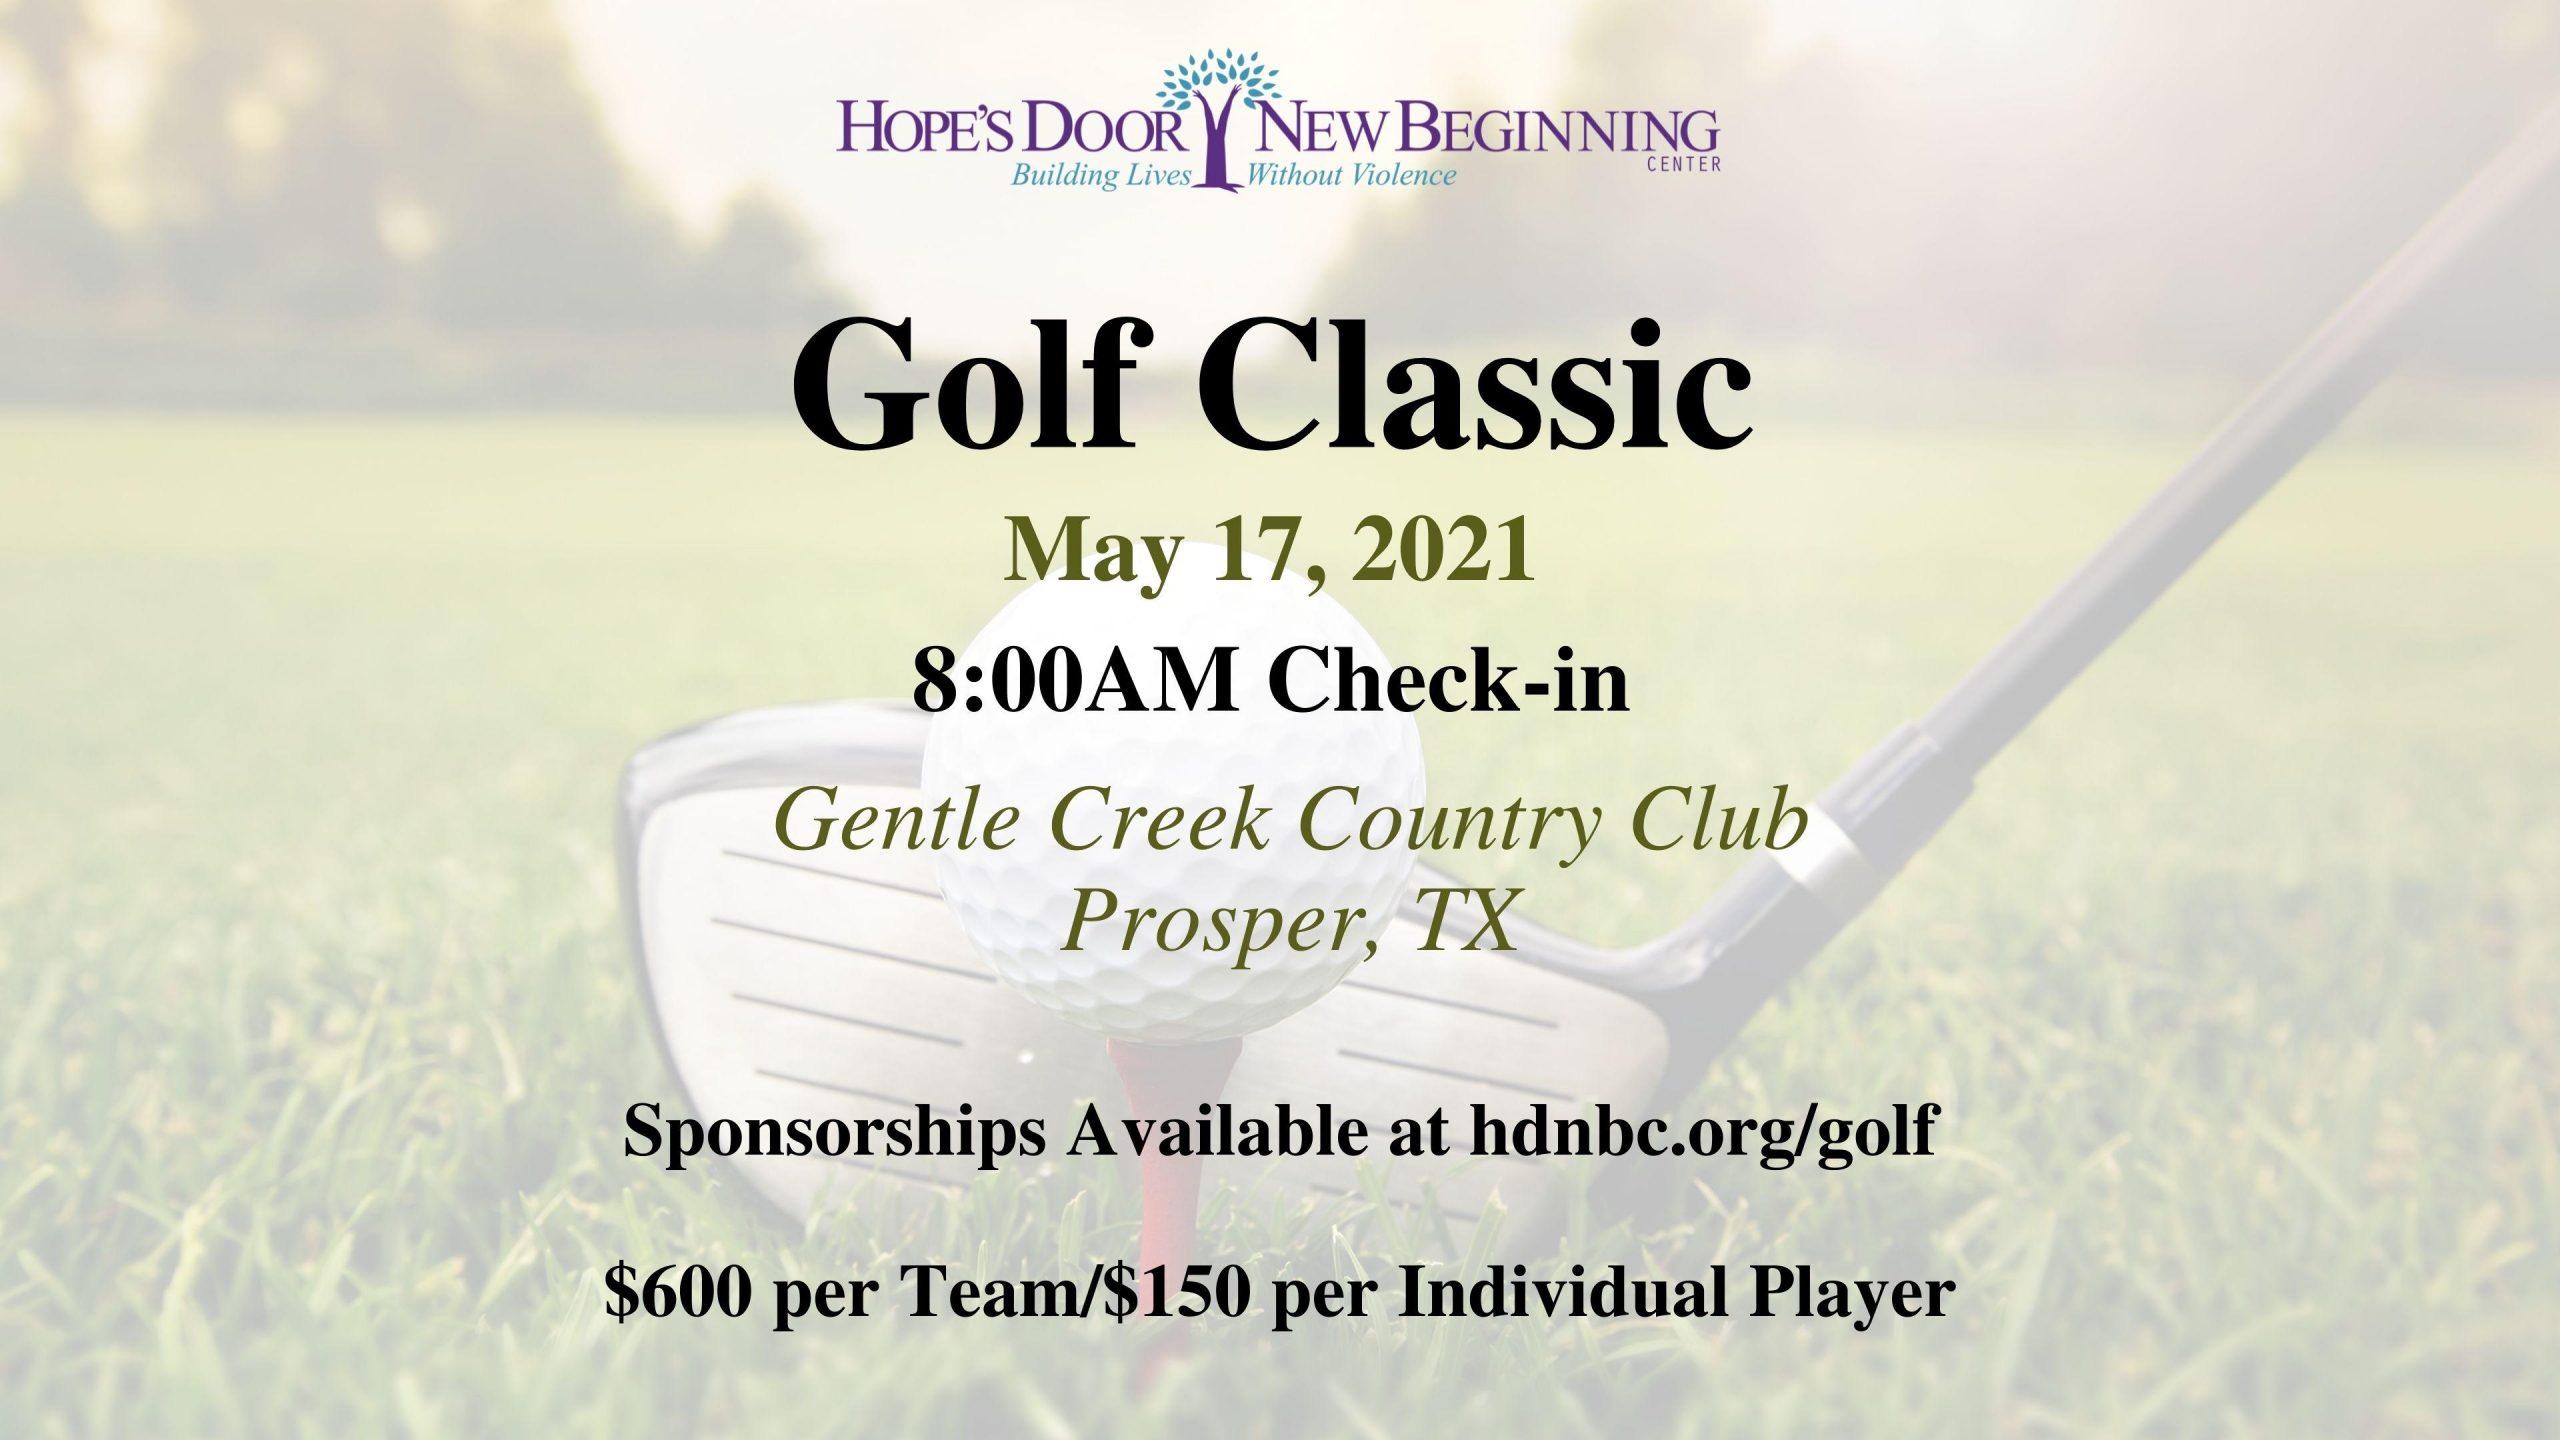 Hope's Door New Beginning Center Golf Classic 2021